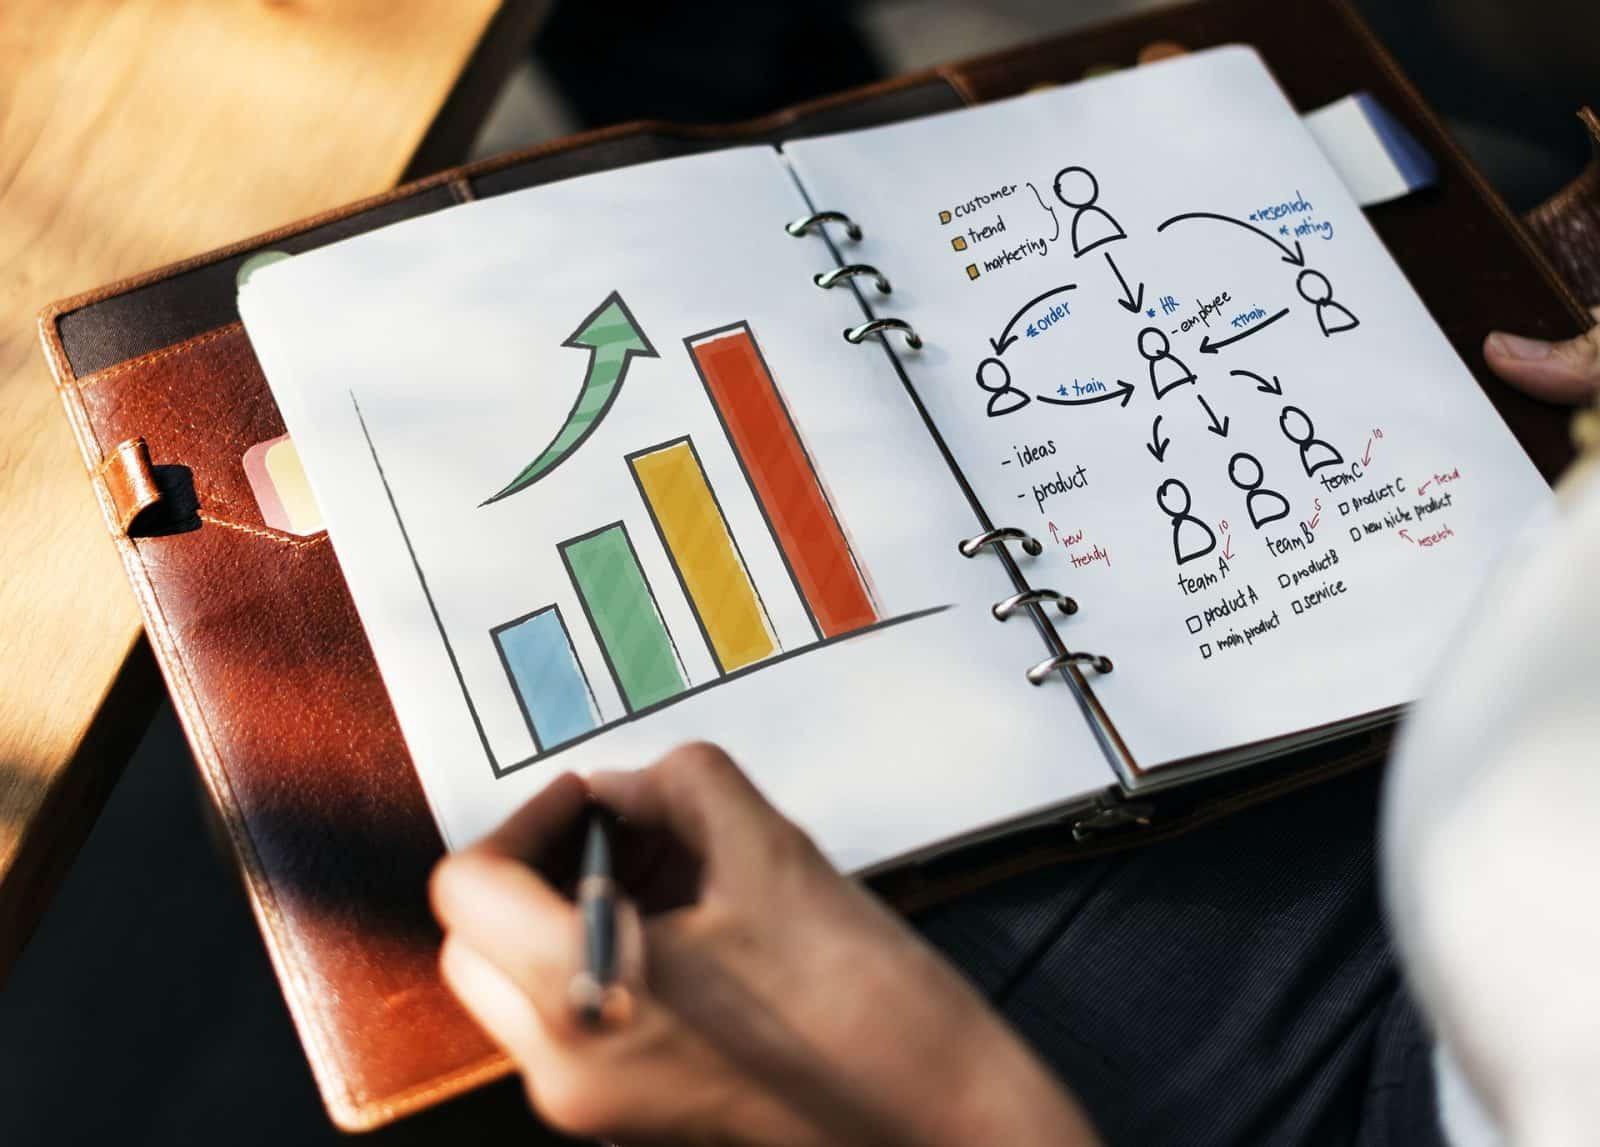 Analyse technique en Bourse: Comprendre ses atouts et ses limites